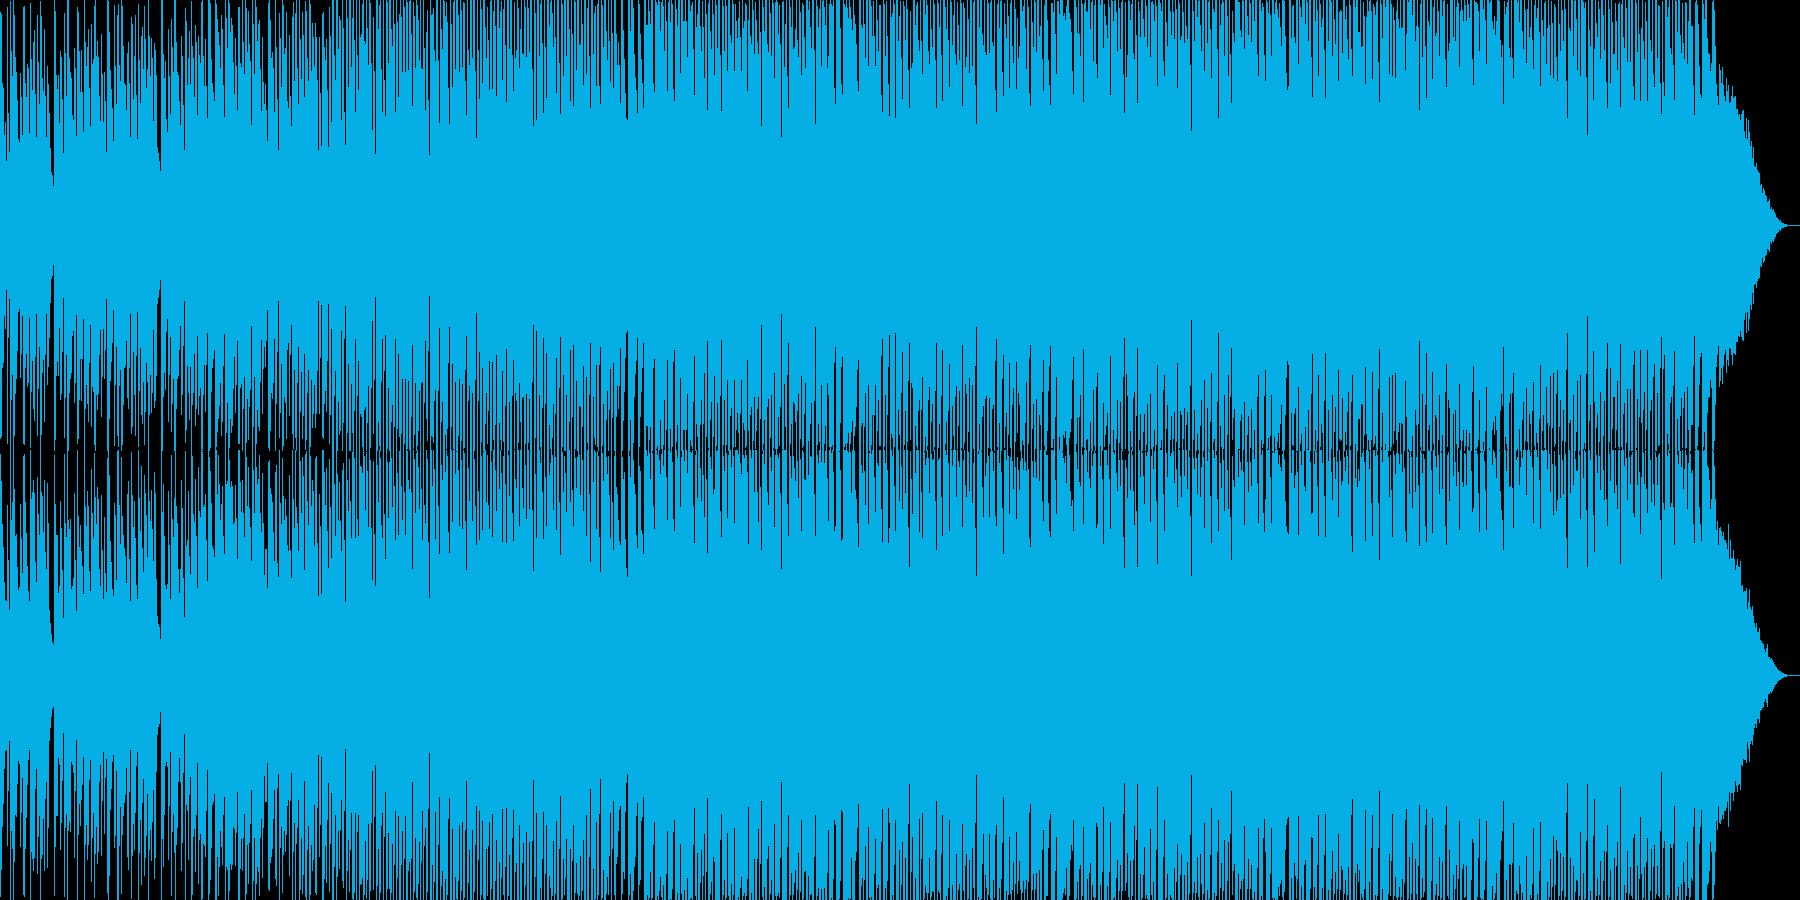 クリスマス BGM マーチング系 明るめの再生済みの波形